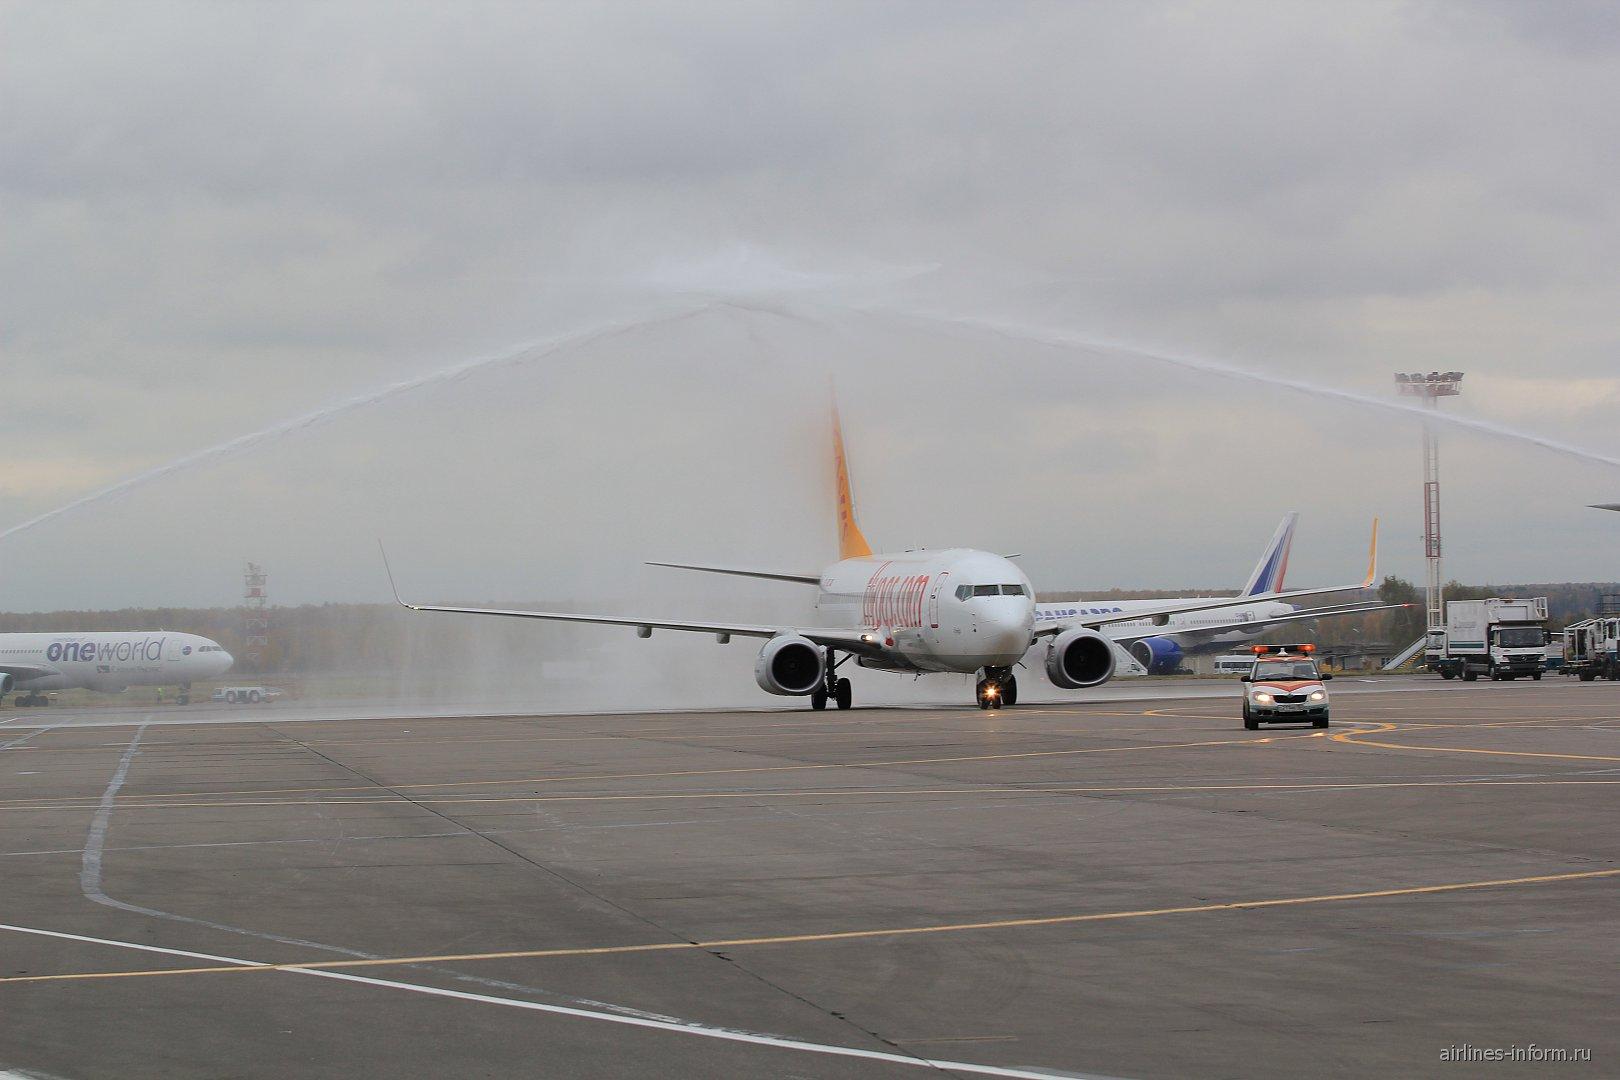 Первый рейс авиакомпании Pegasus Airlines в аэропорт Москва Домодедово